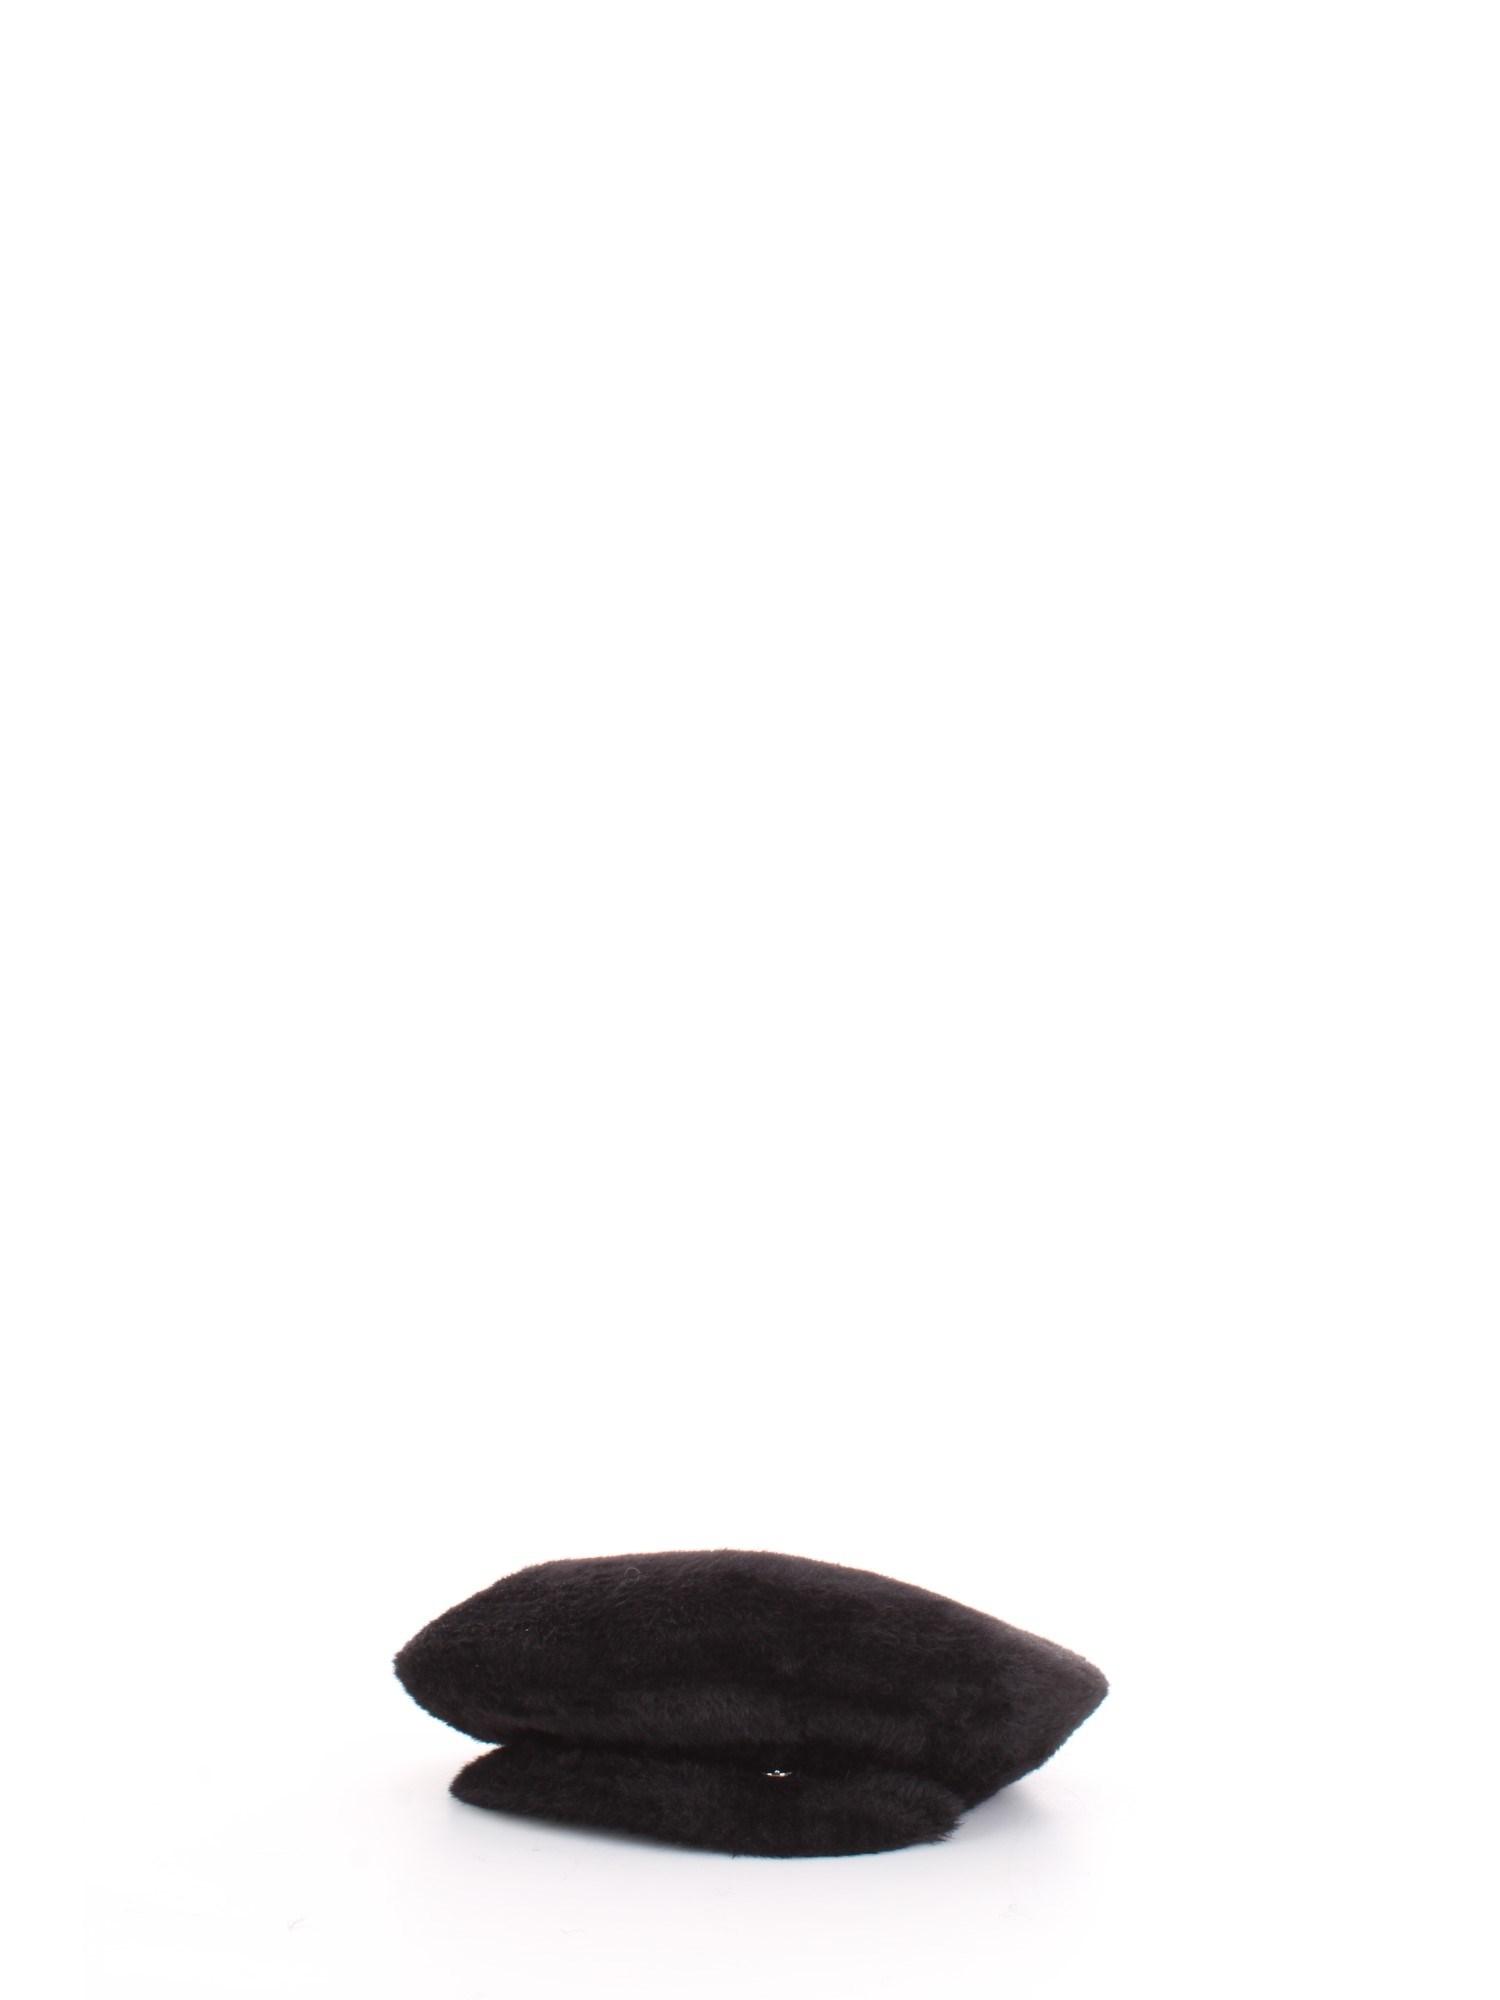 promo code 8b42e 9b01b Dettagli su LIU JO Donna 369034 T0300 Nero-22222 Cappello Autunno/Inverno  eco pelliccia